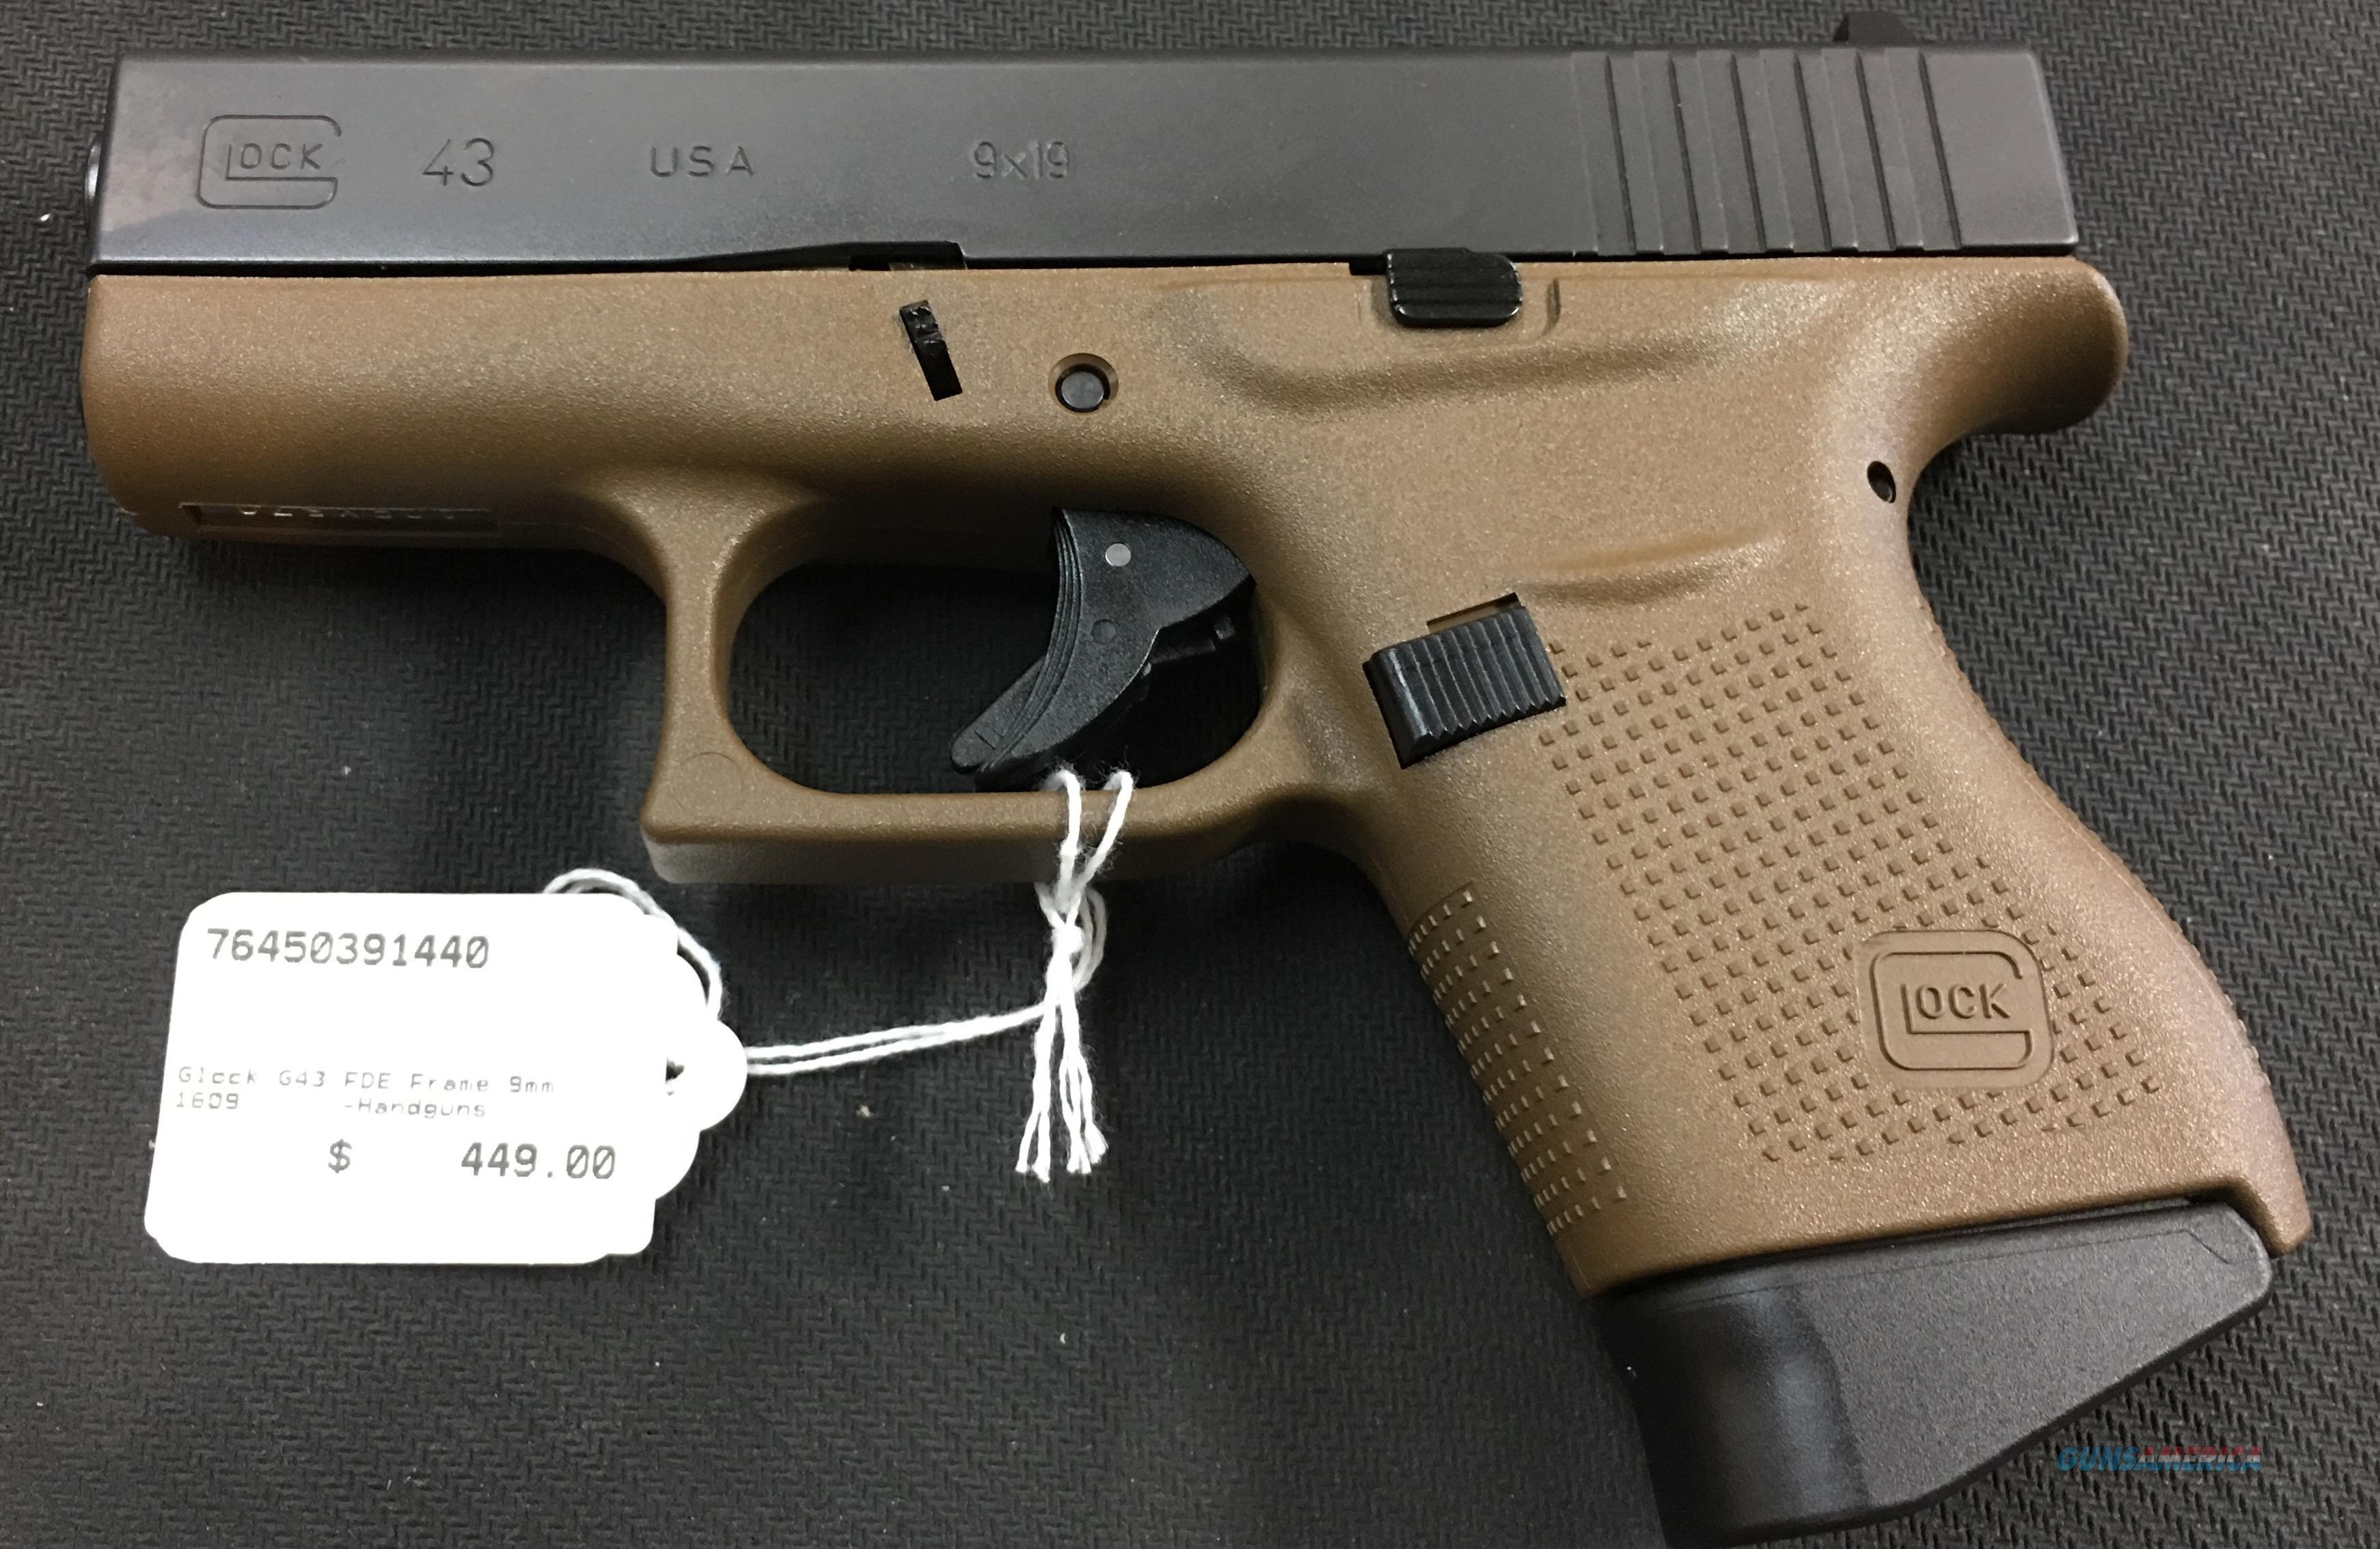 Glock 43 FDE Frame 9mm NIB NO CC FEES